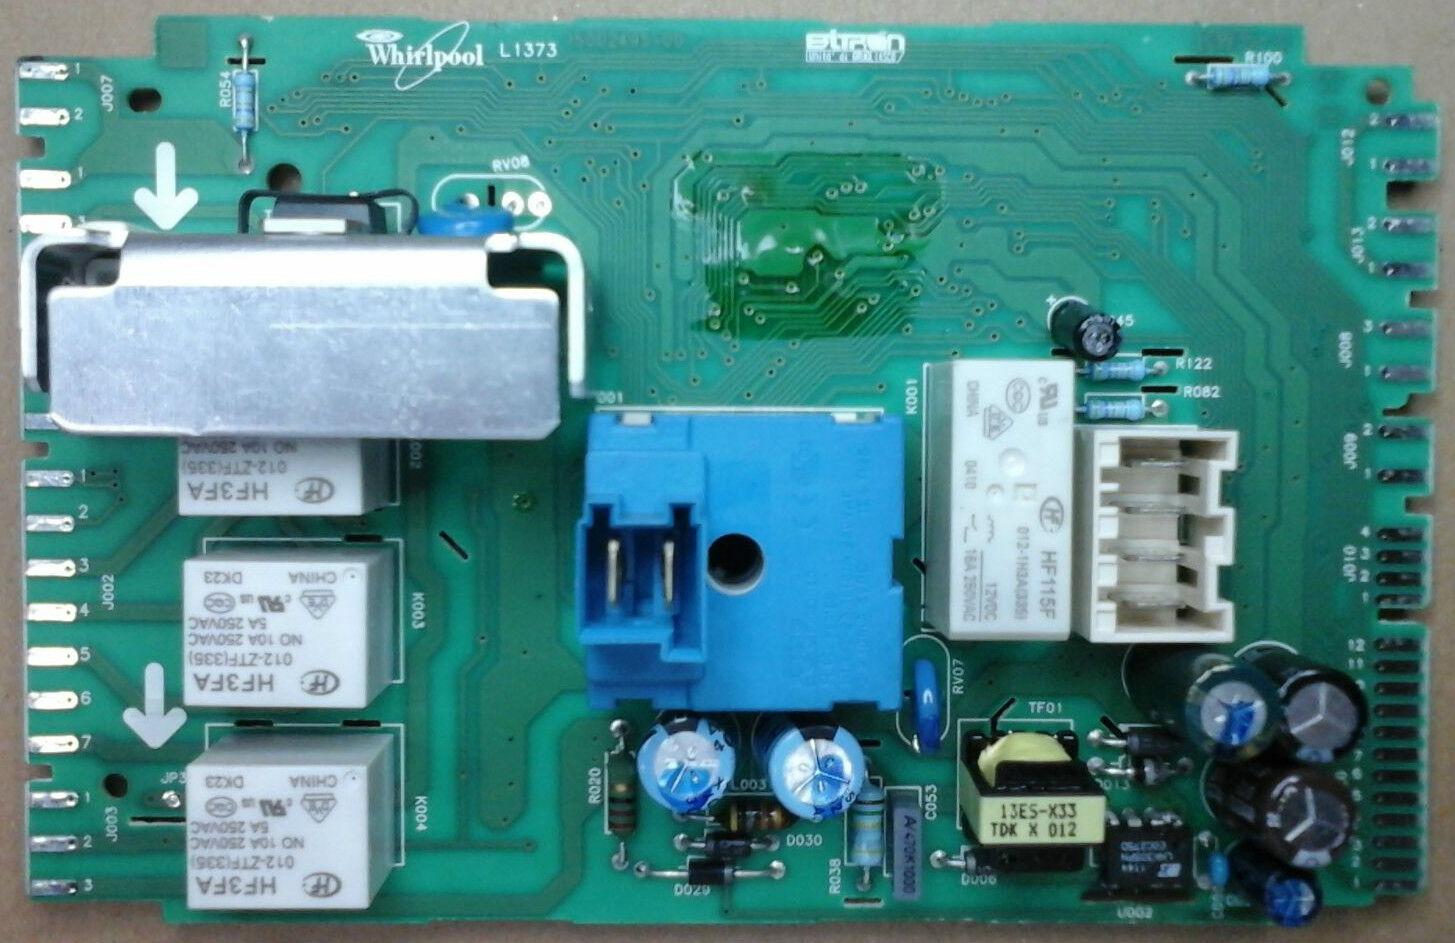 Topik des bidouilleurs d'électronique, électricité, mécanique, trucs en carton...  - Page 12 S-l1600